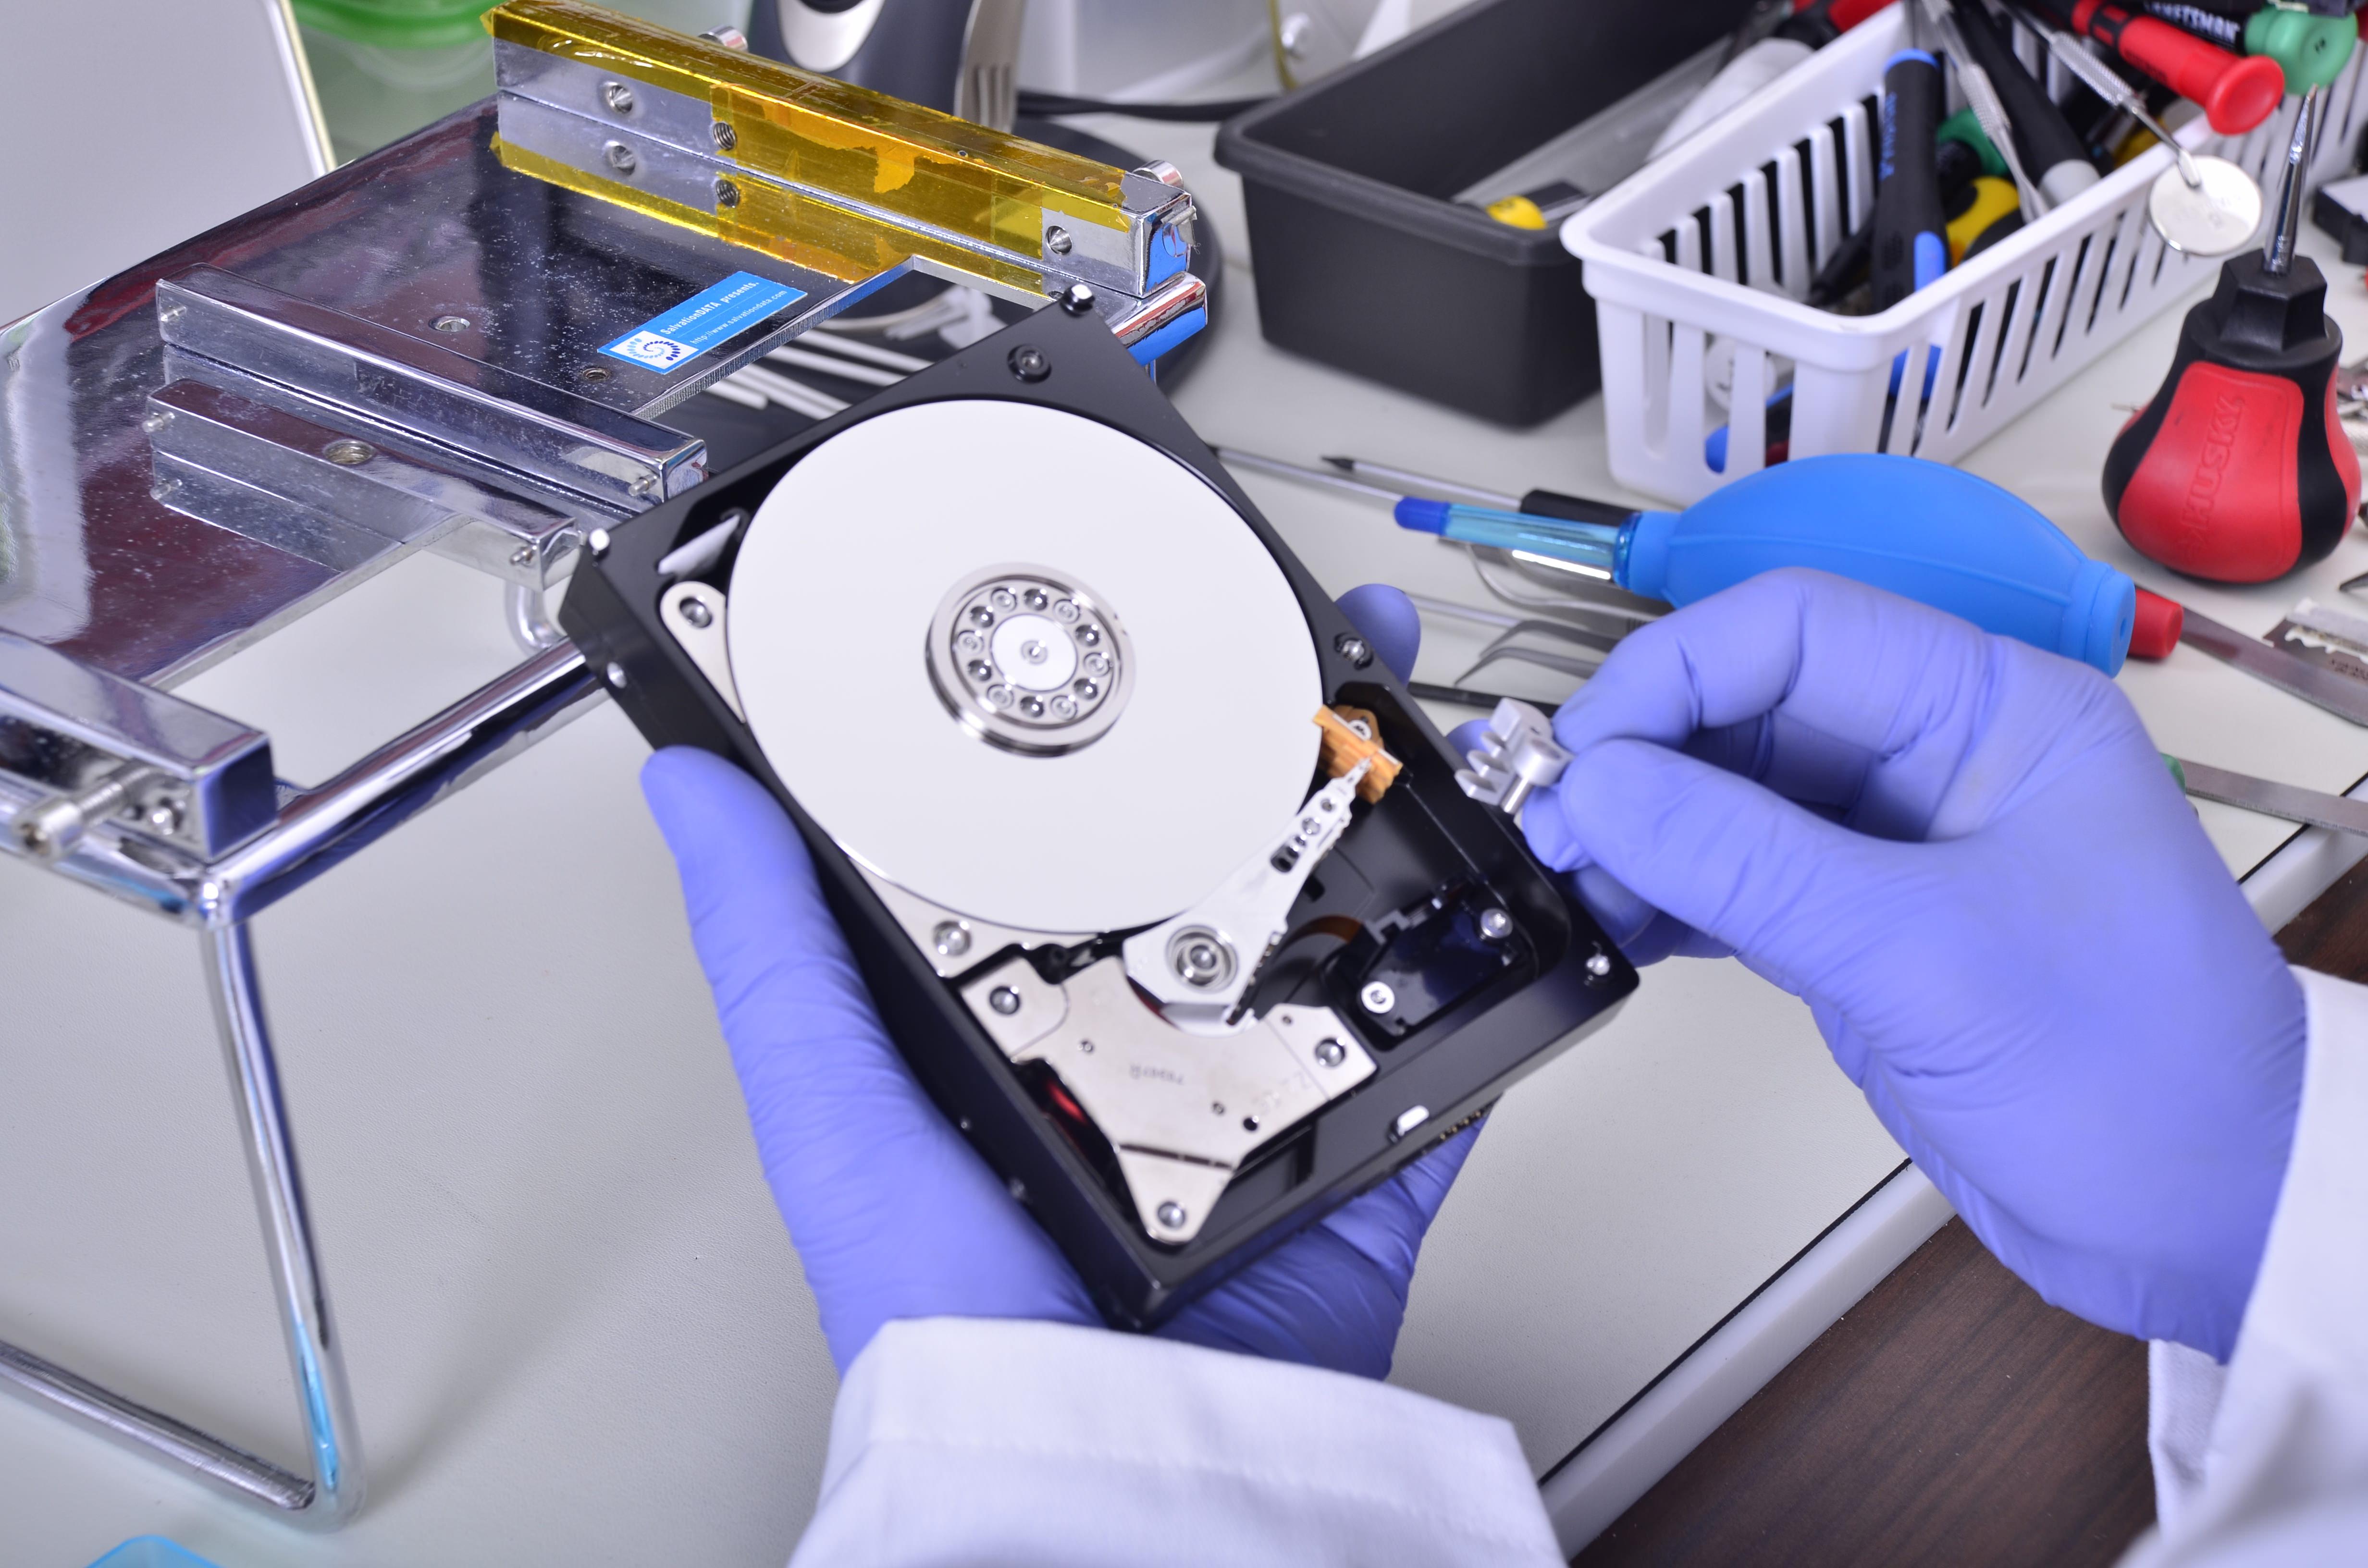 можем как извлечь фото с поврежденного диска вероятность того